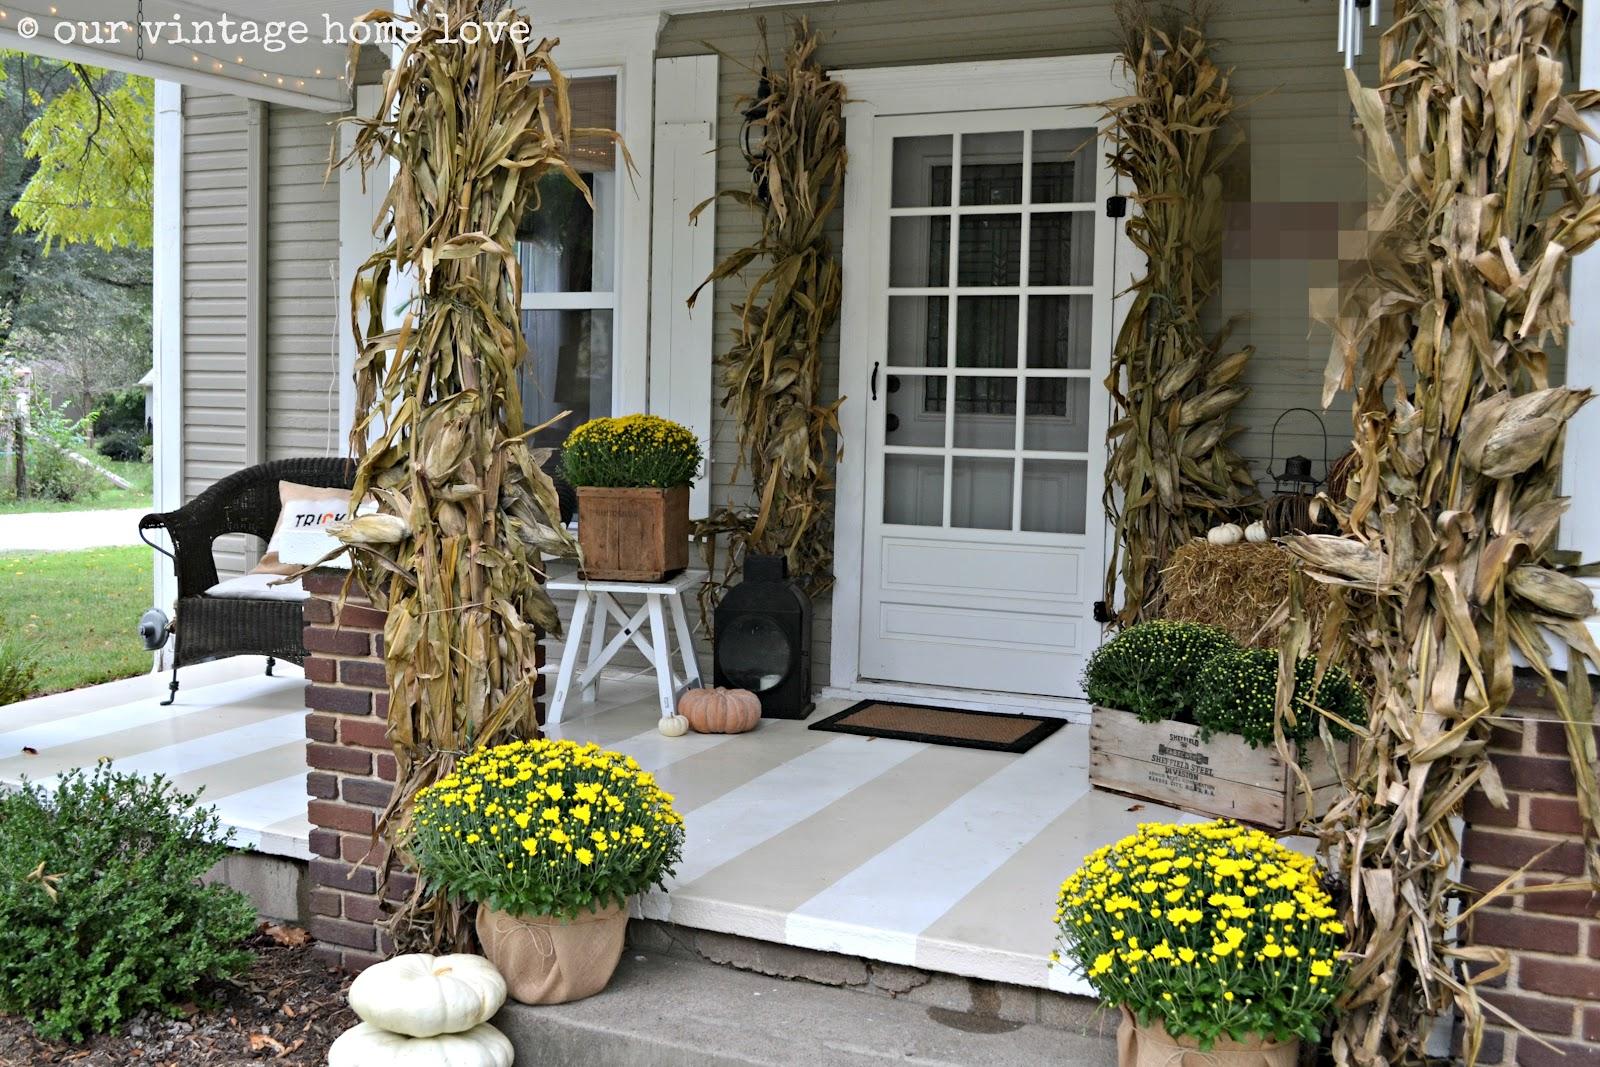 Our Vintage Home Love Autumn Porch Ideas